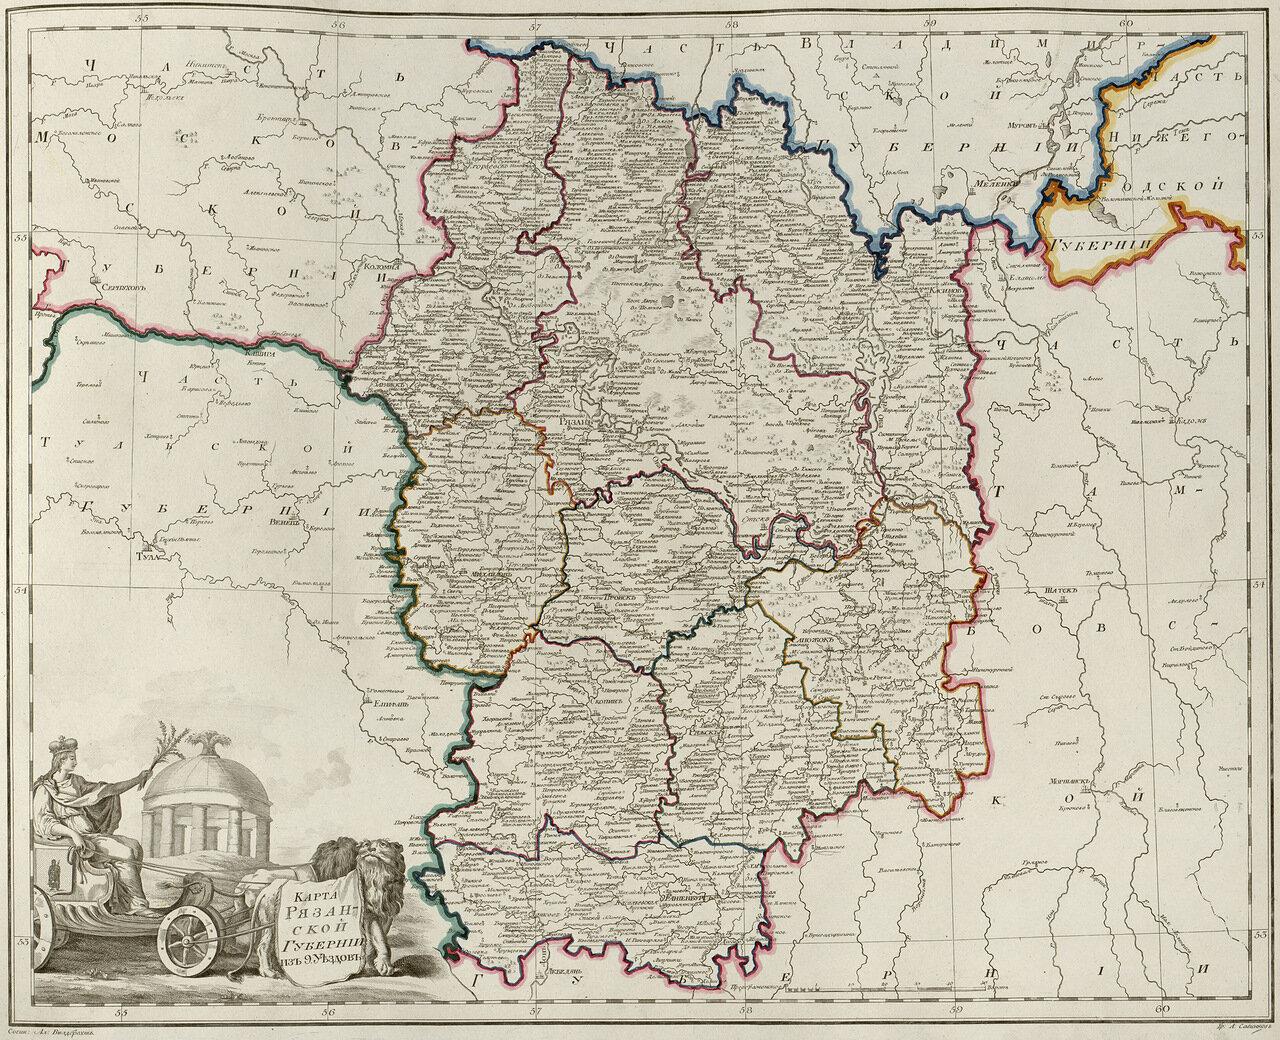 25. Карта Рязанской губернии